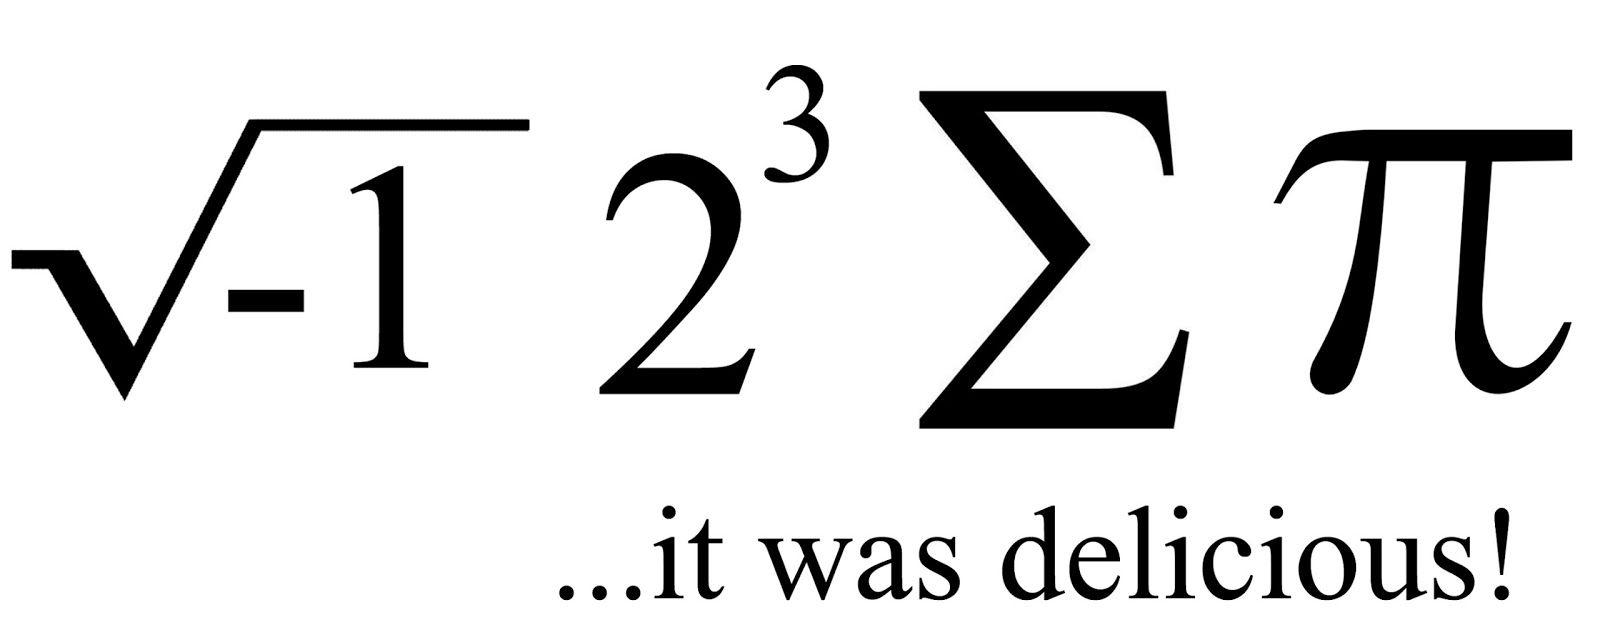 national pi day funny math geek shirt! | mathématiques et en